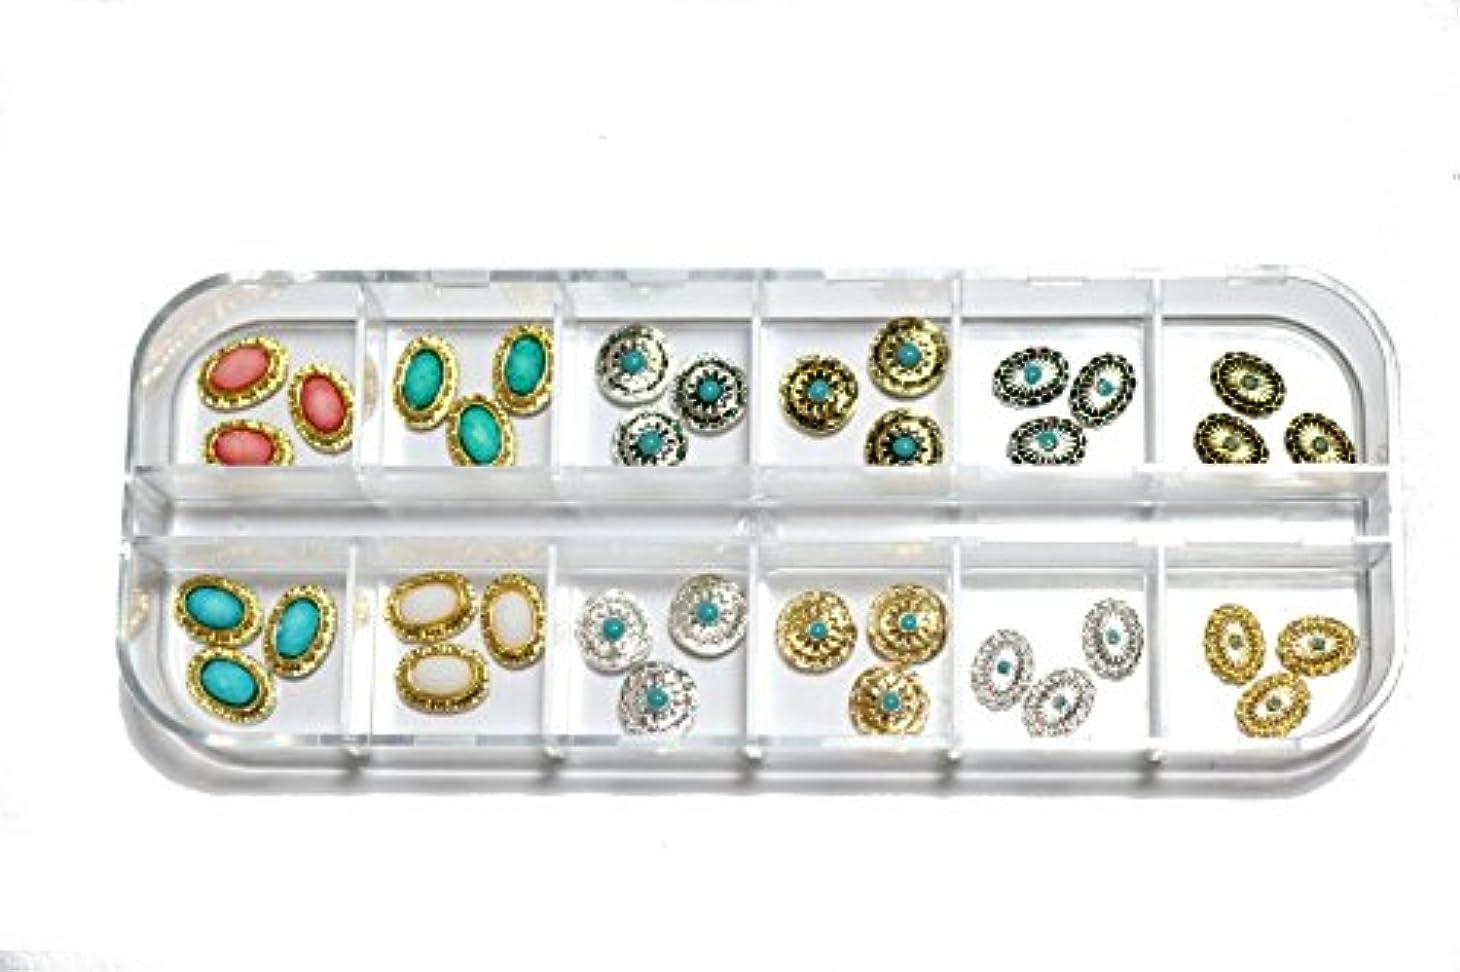 極めて重要なウミウシ控える【jewel】ネイティブターコイズ セット12種類 各3個入り ジュエリーパーツ コンチョ